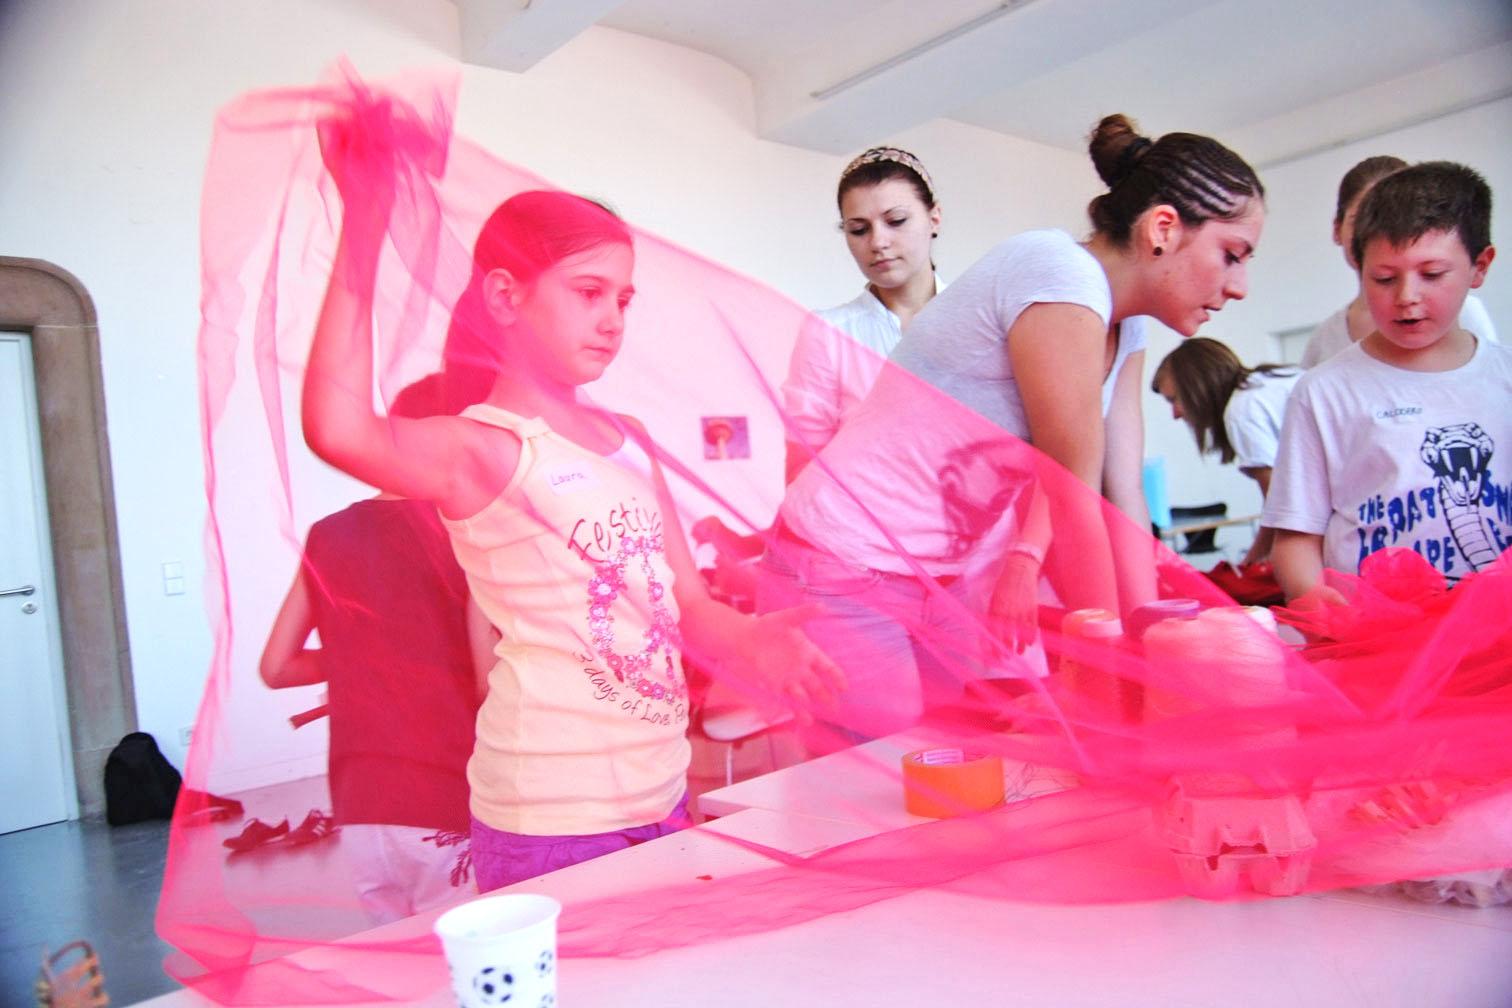 gerrit_schweiger-Rummel-2030-Zukunft-Kinder-Kreativität-Mode-Workshop-Modenschau-Ausstellung-11